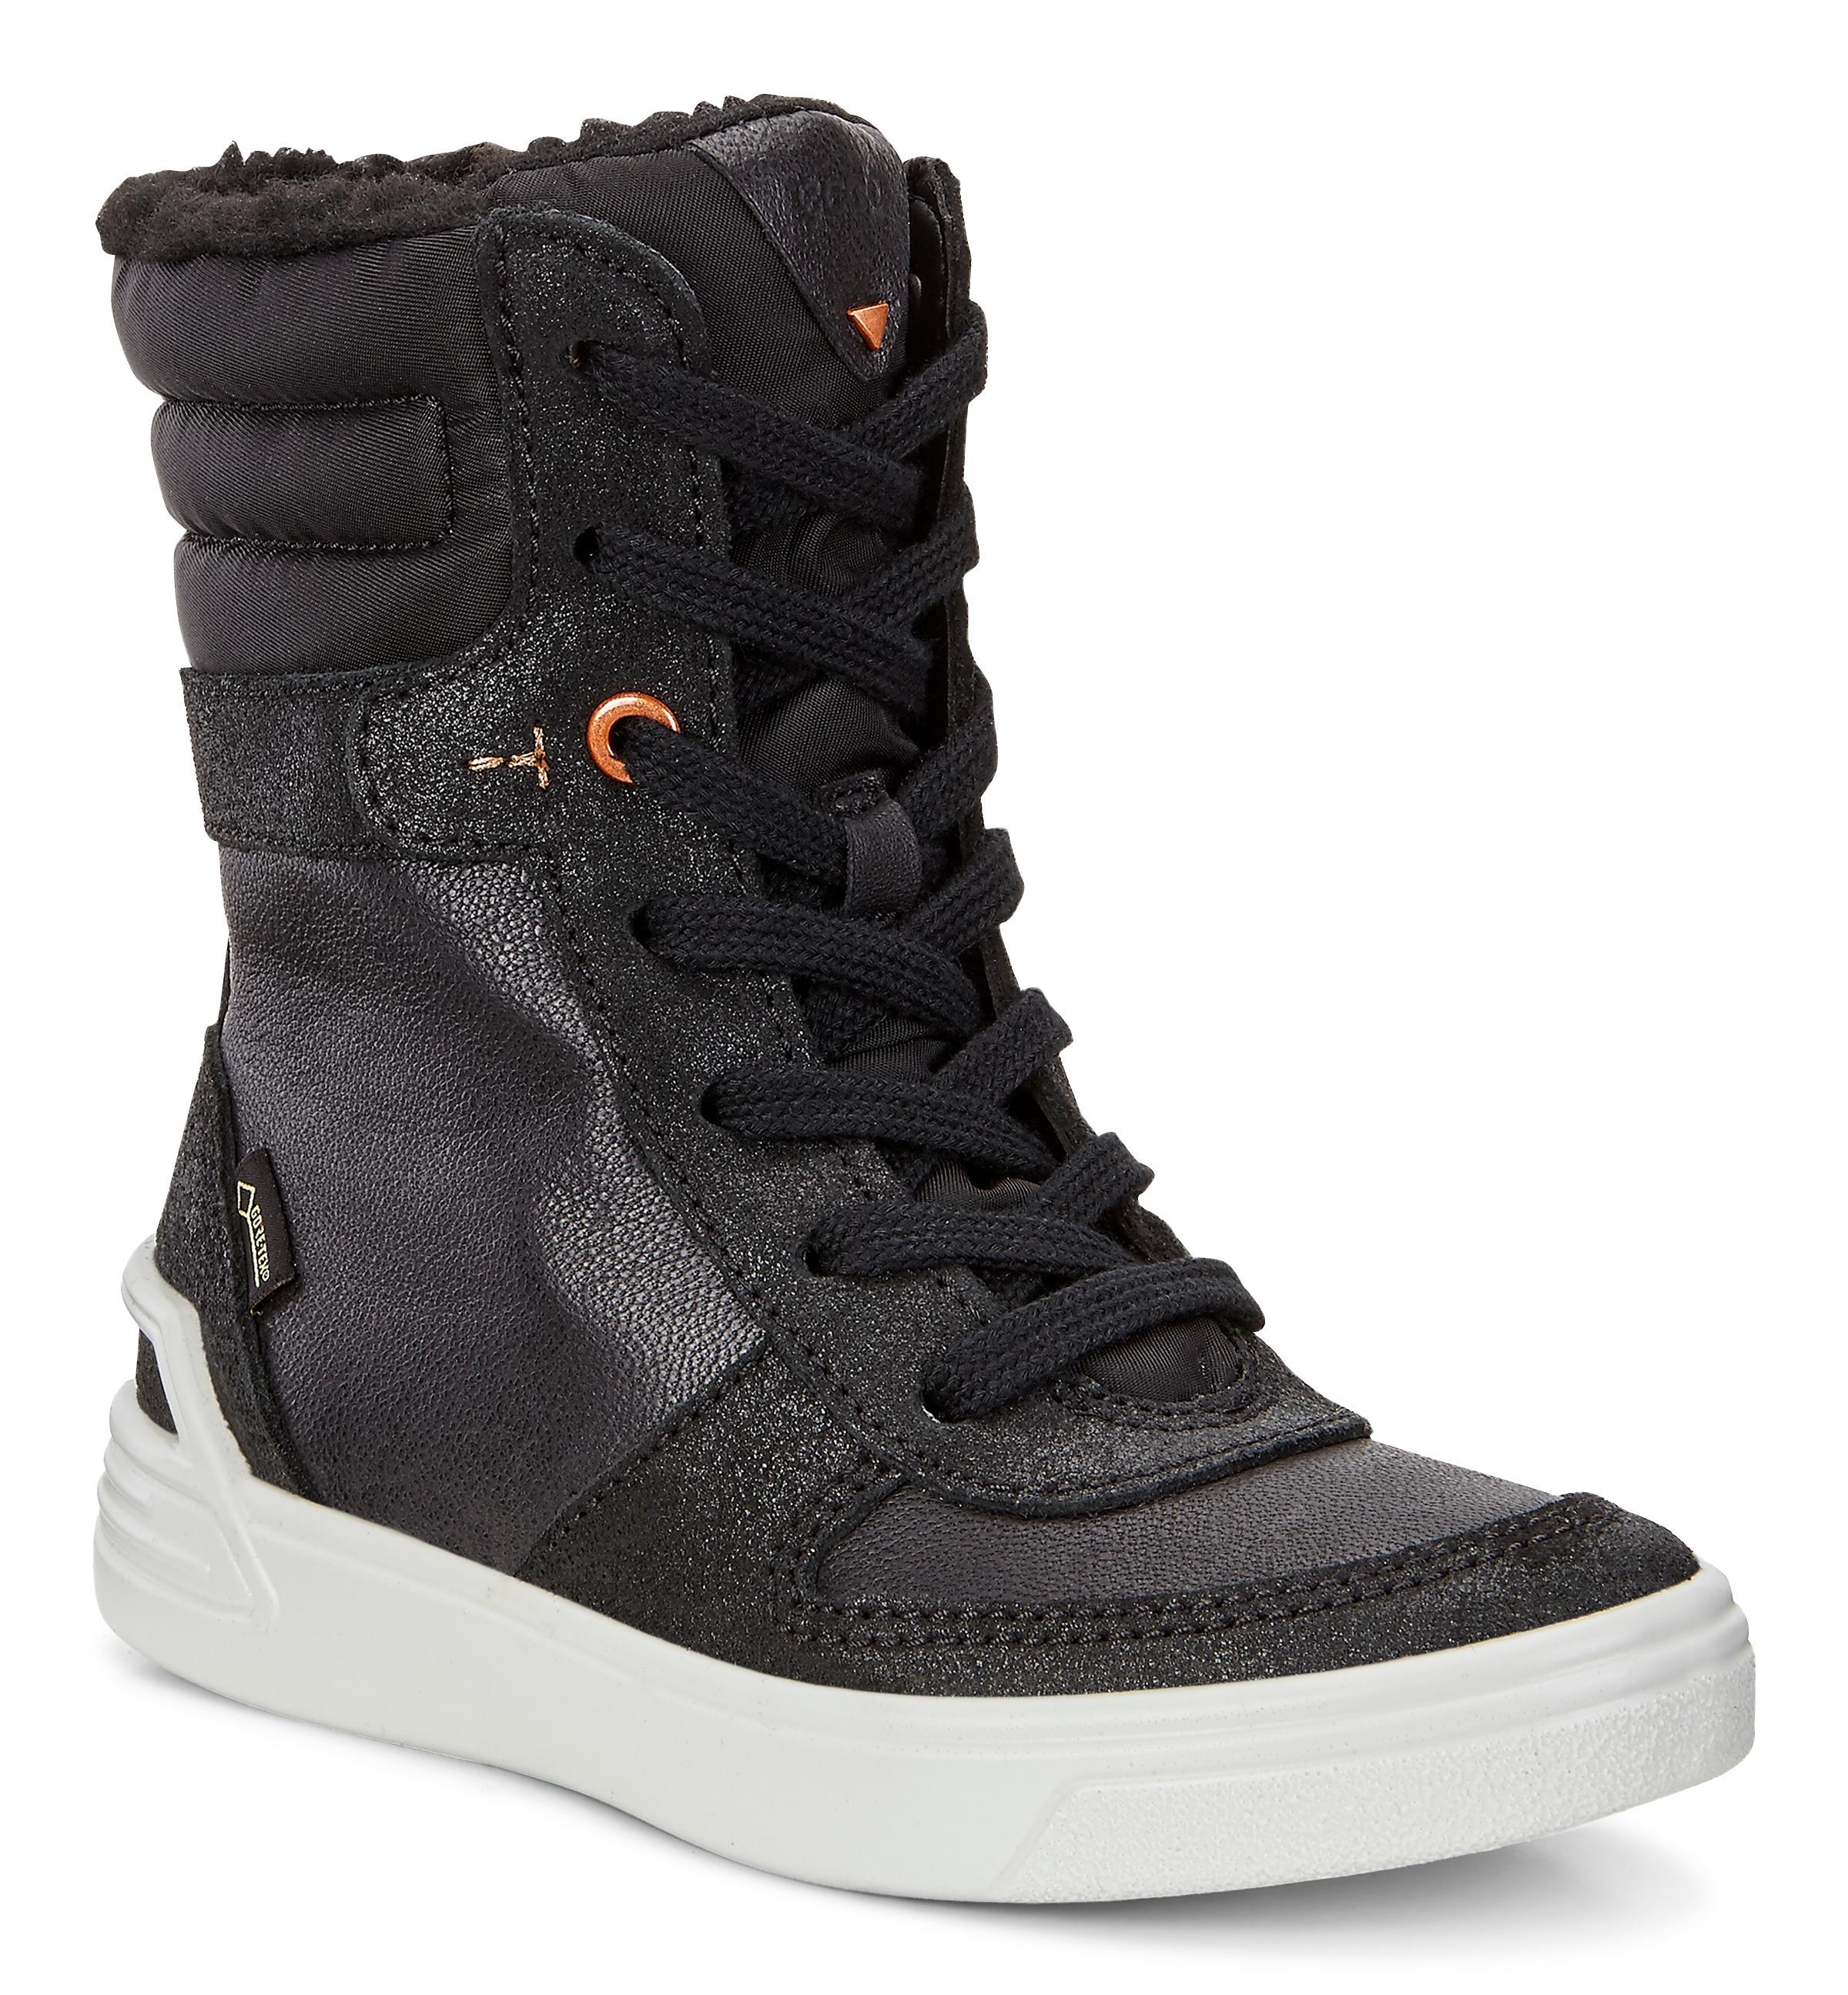 shoes ecco sale, Ecco Shoes UK Store Ecco Sandalen Gr. 33